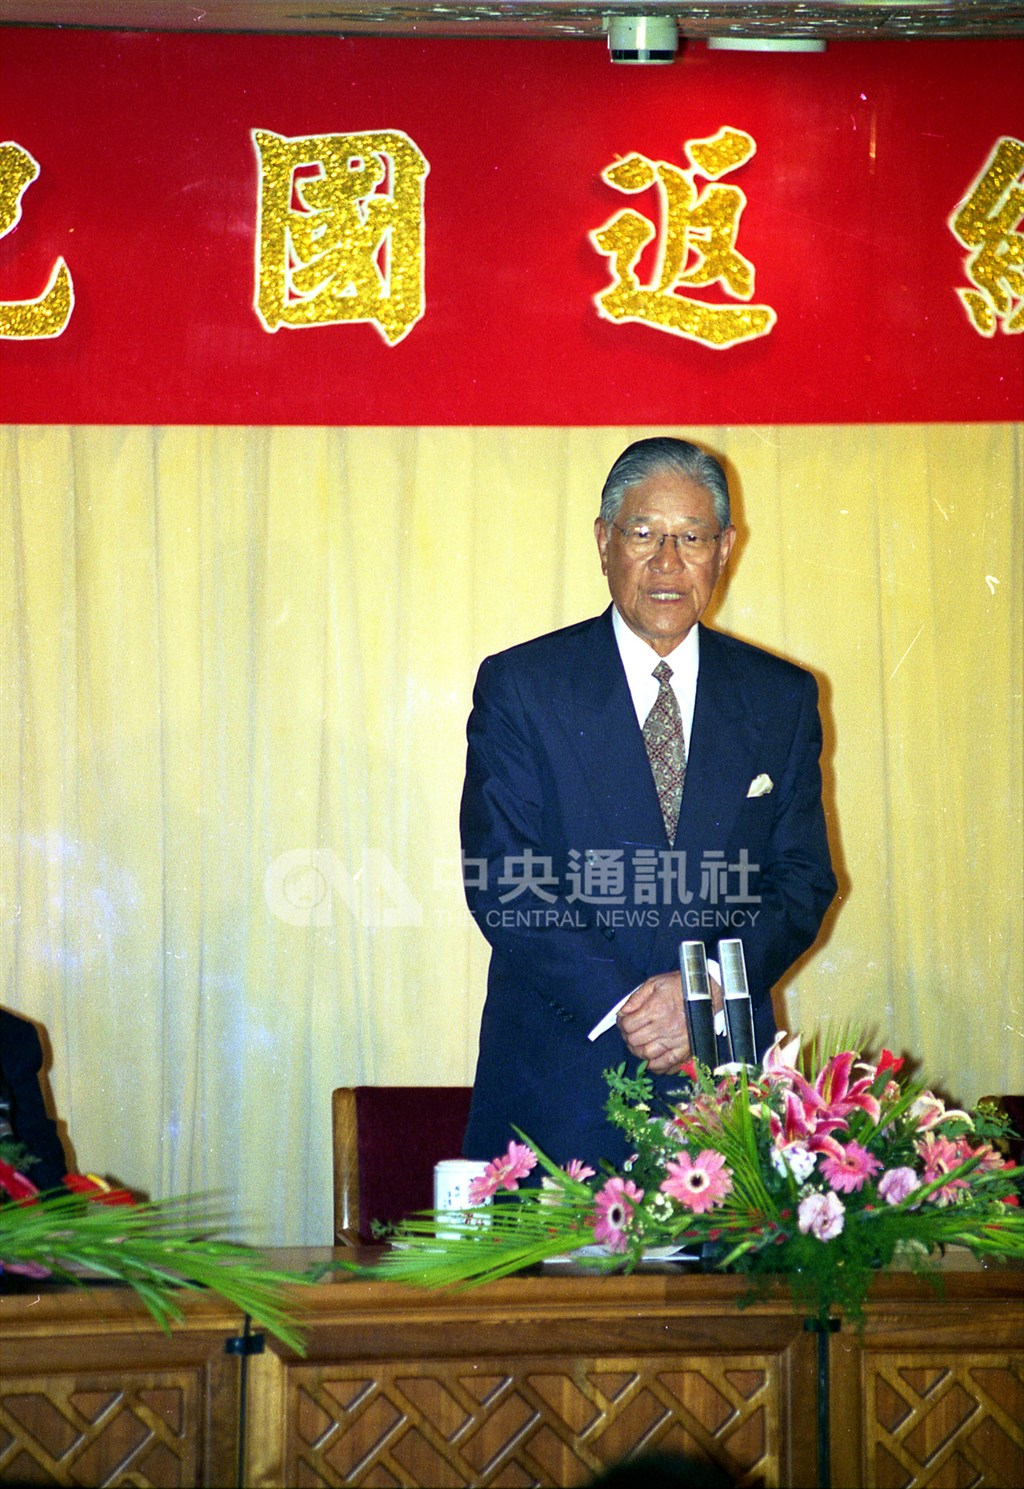 前總統李登輝1994年2月春節借「度假外交」成功訪問菲律賓、印尼與泰國,並在返國記者會說:「中華民國在台灣必須要發展,中華民國可說是中國分裂中的一個國家。」(中央社檔案照片)